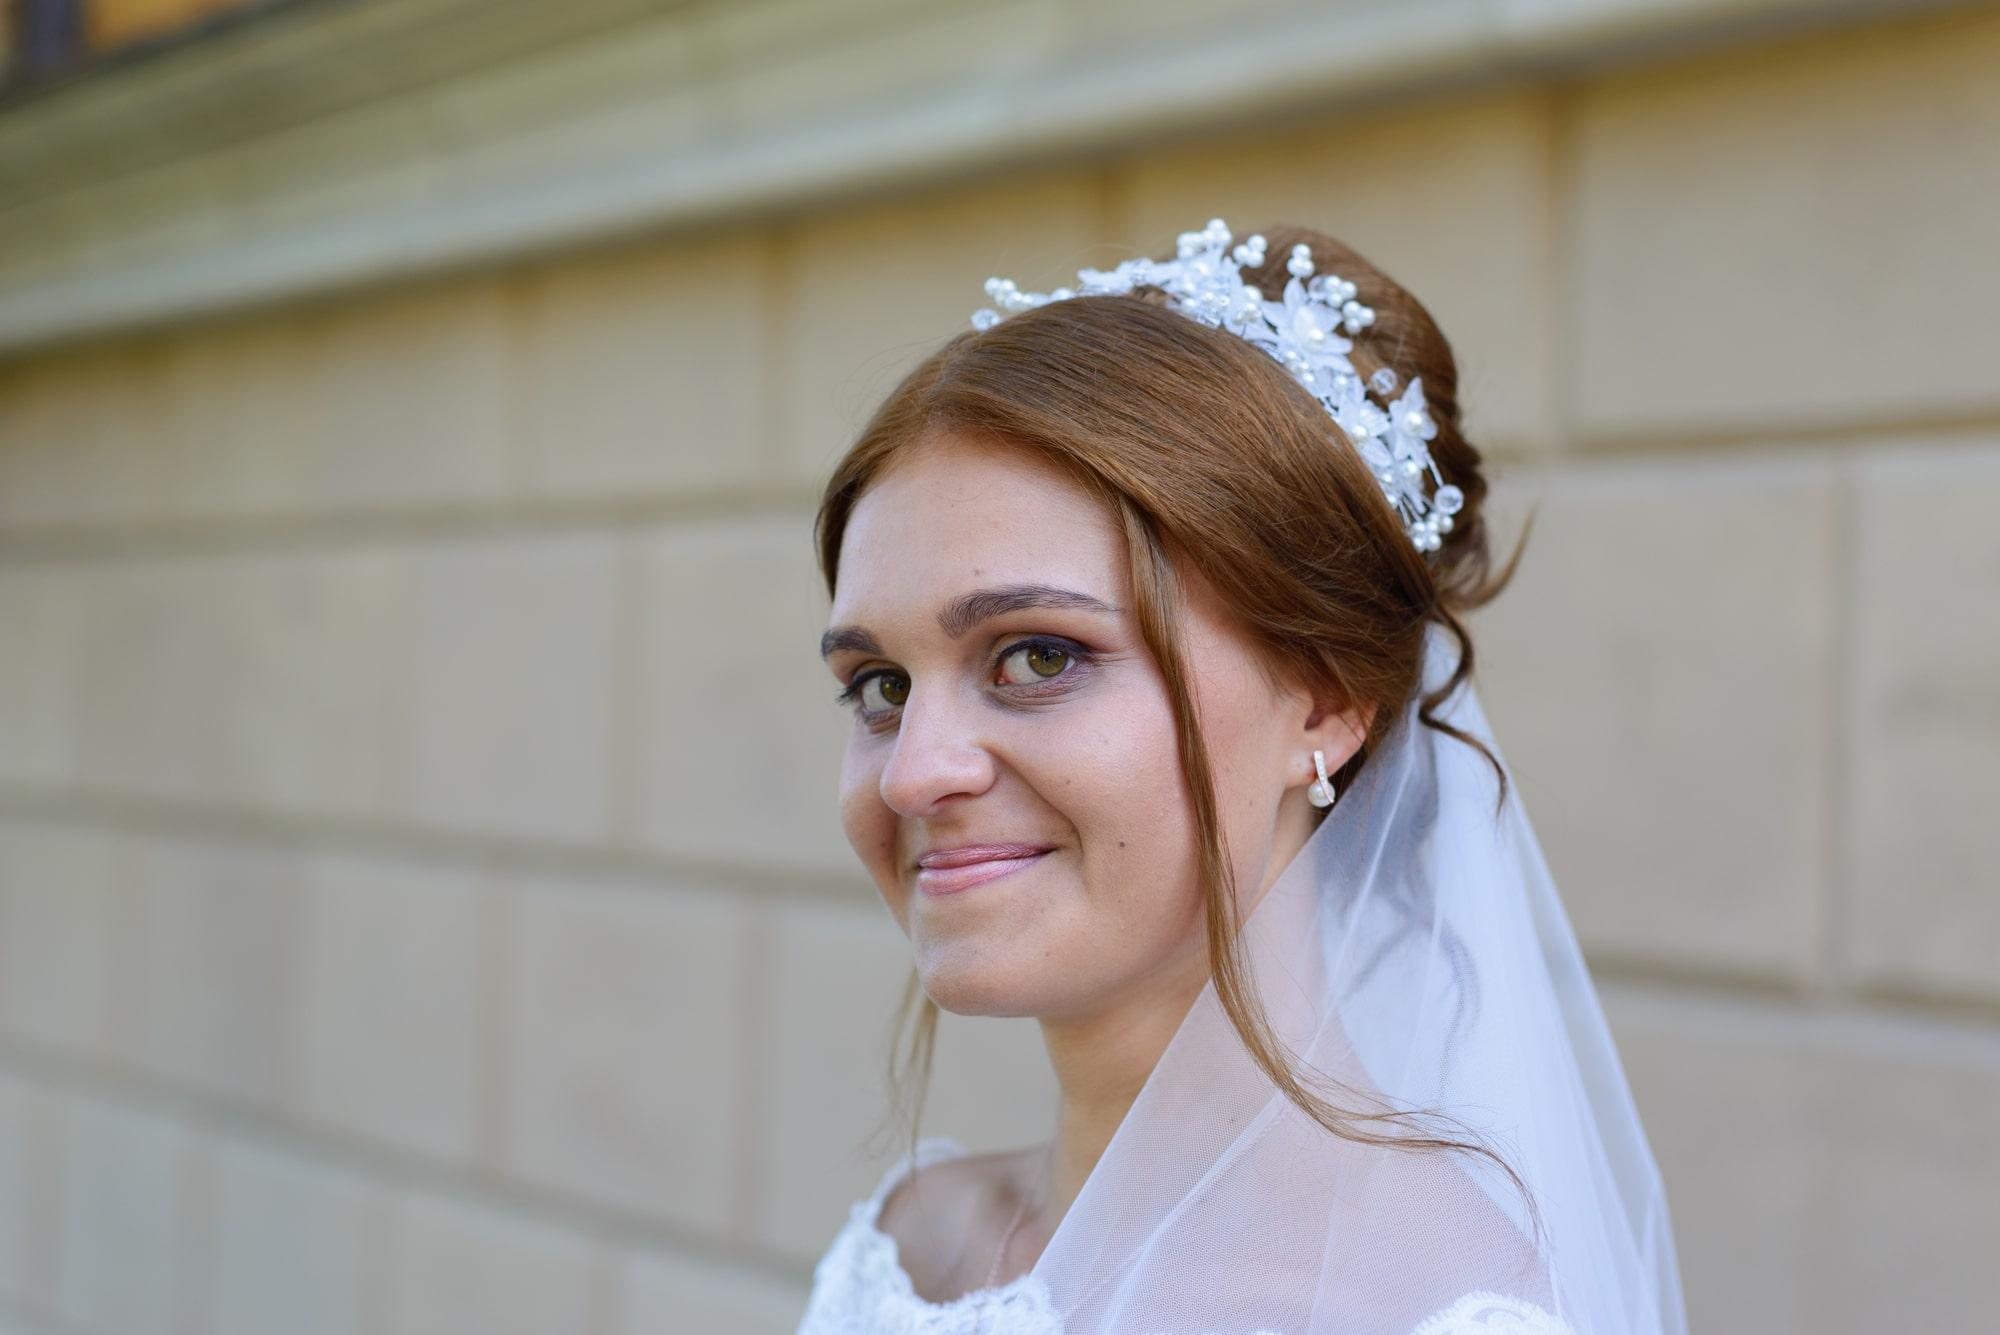 Свадебная фотосъемка в Межигорье - улыбка невесты